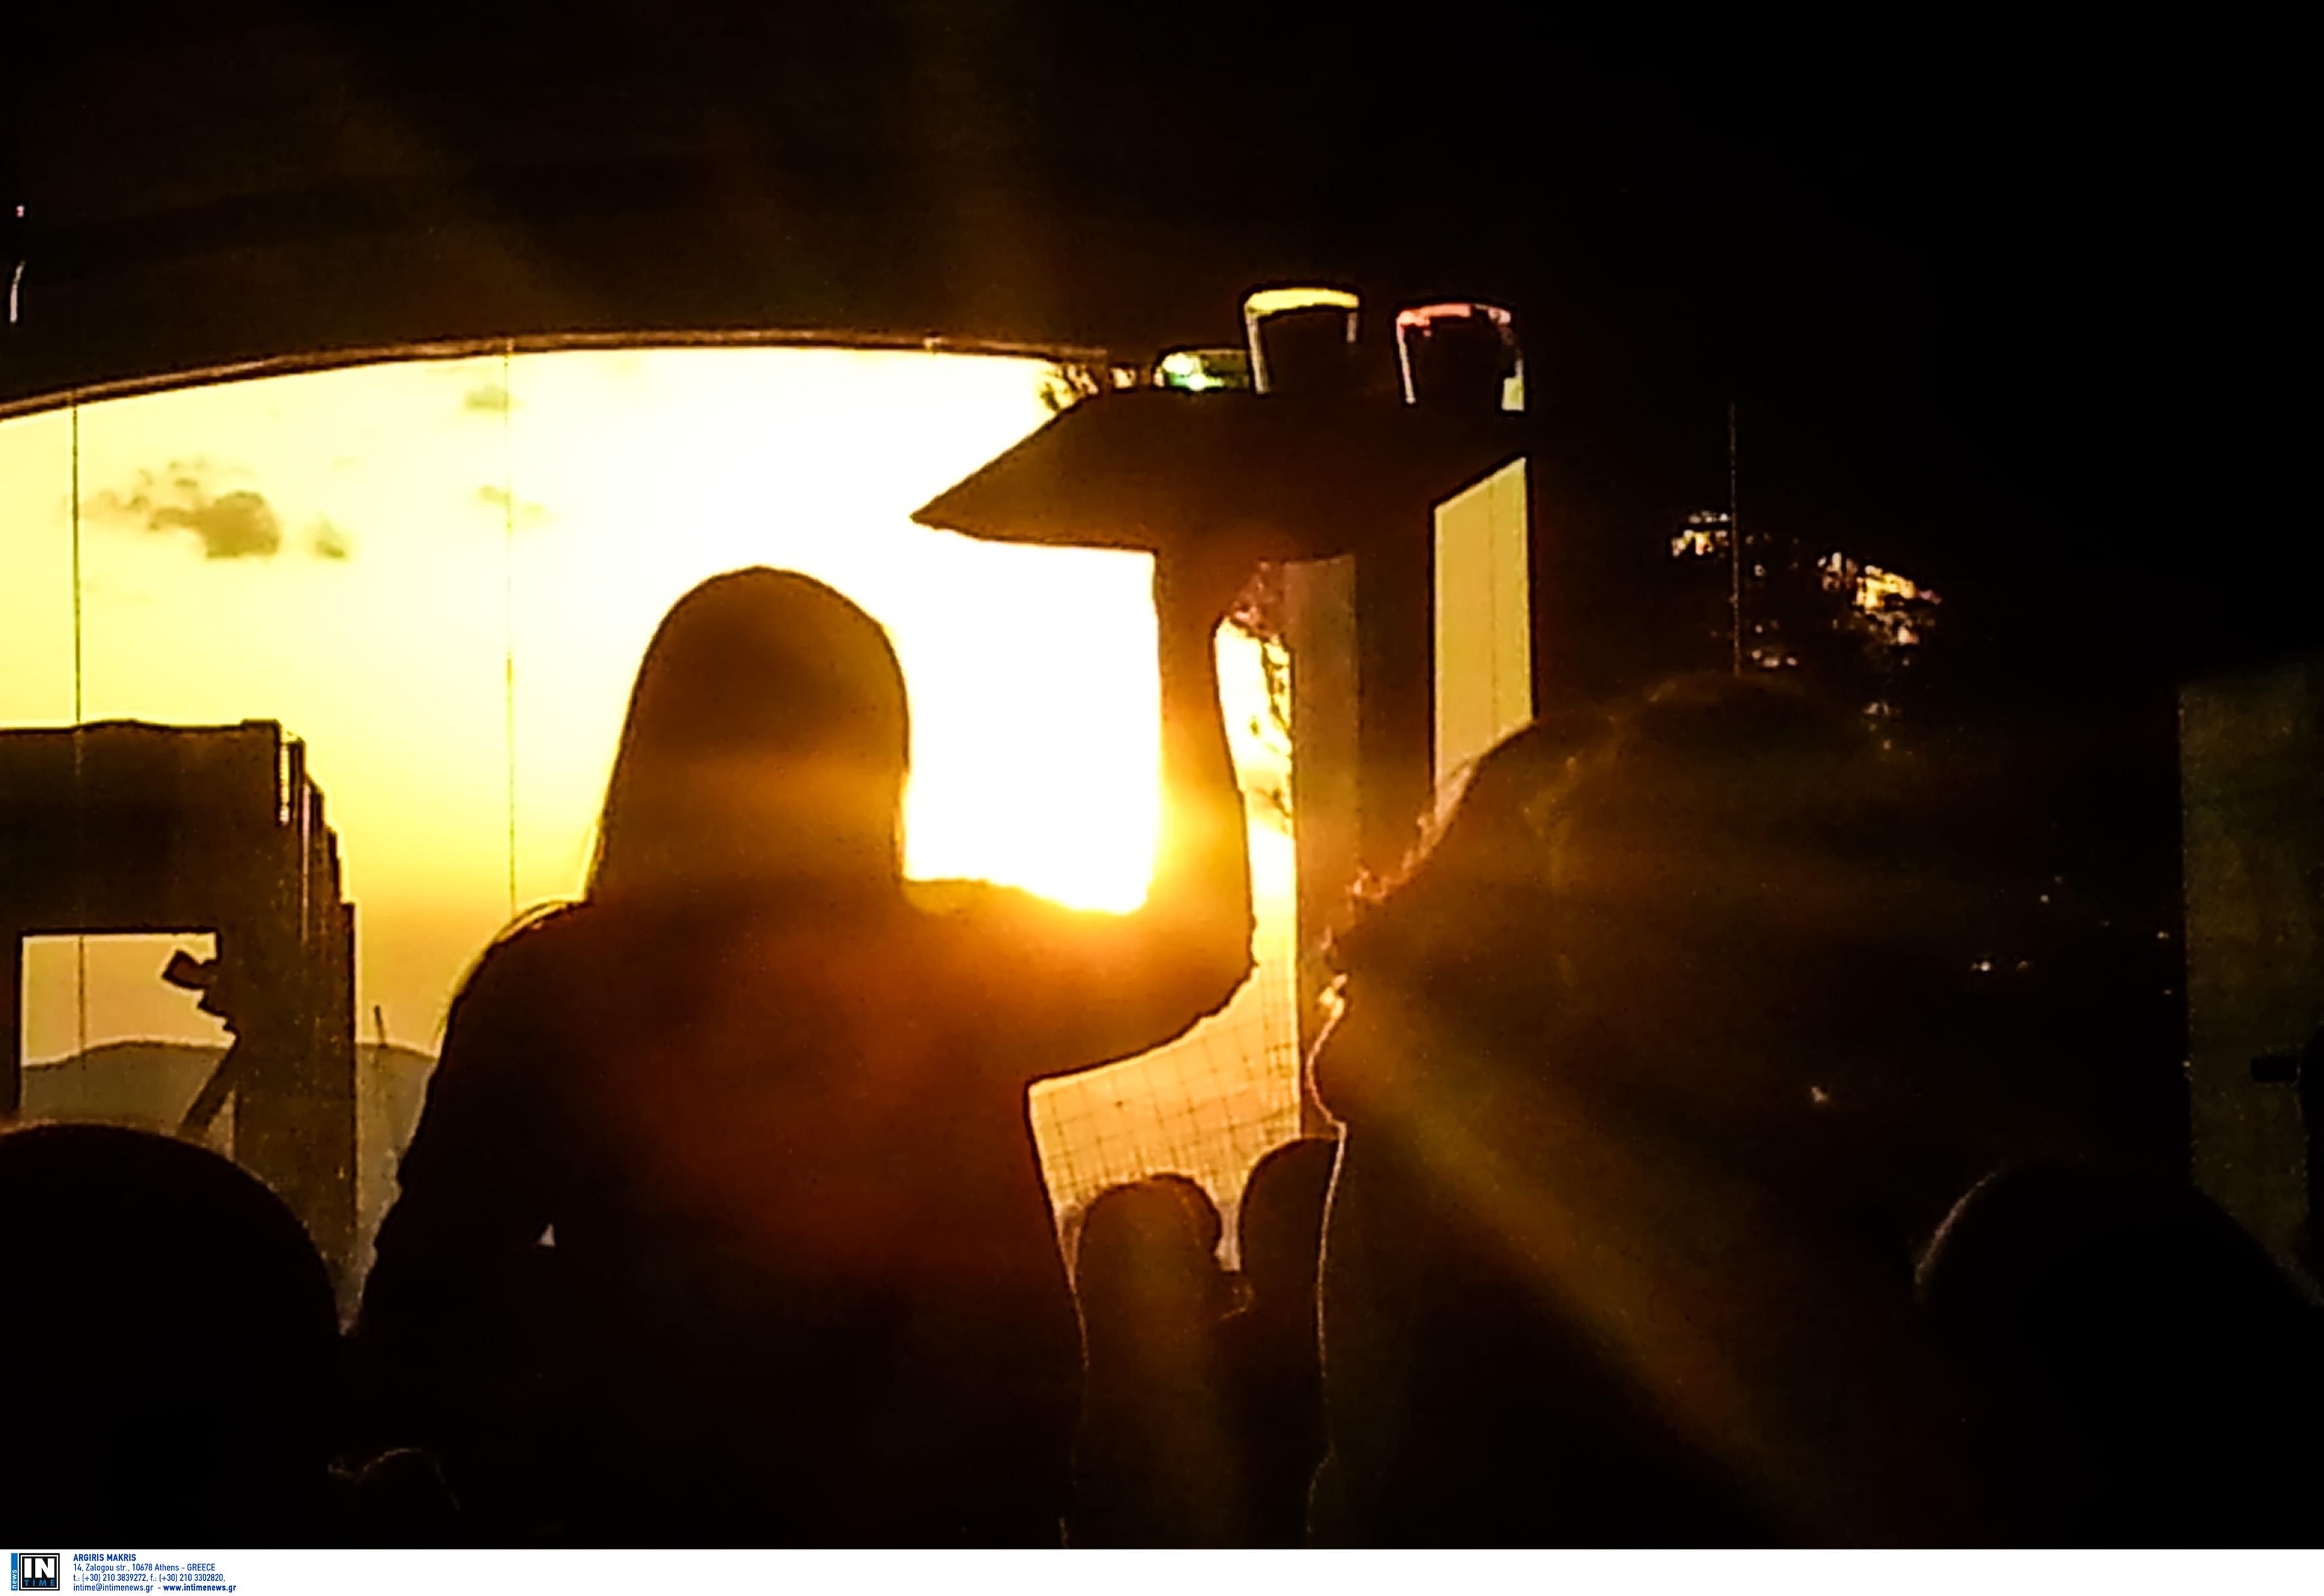 Κρήτη: Η στιγμή της επίθεσης σε ιδιοκτήτρια καφετέριας! Ξύλο πίσω από τον πάγκο (Βίντεο ντοκουμέντο)